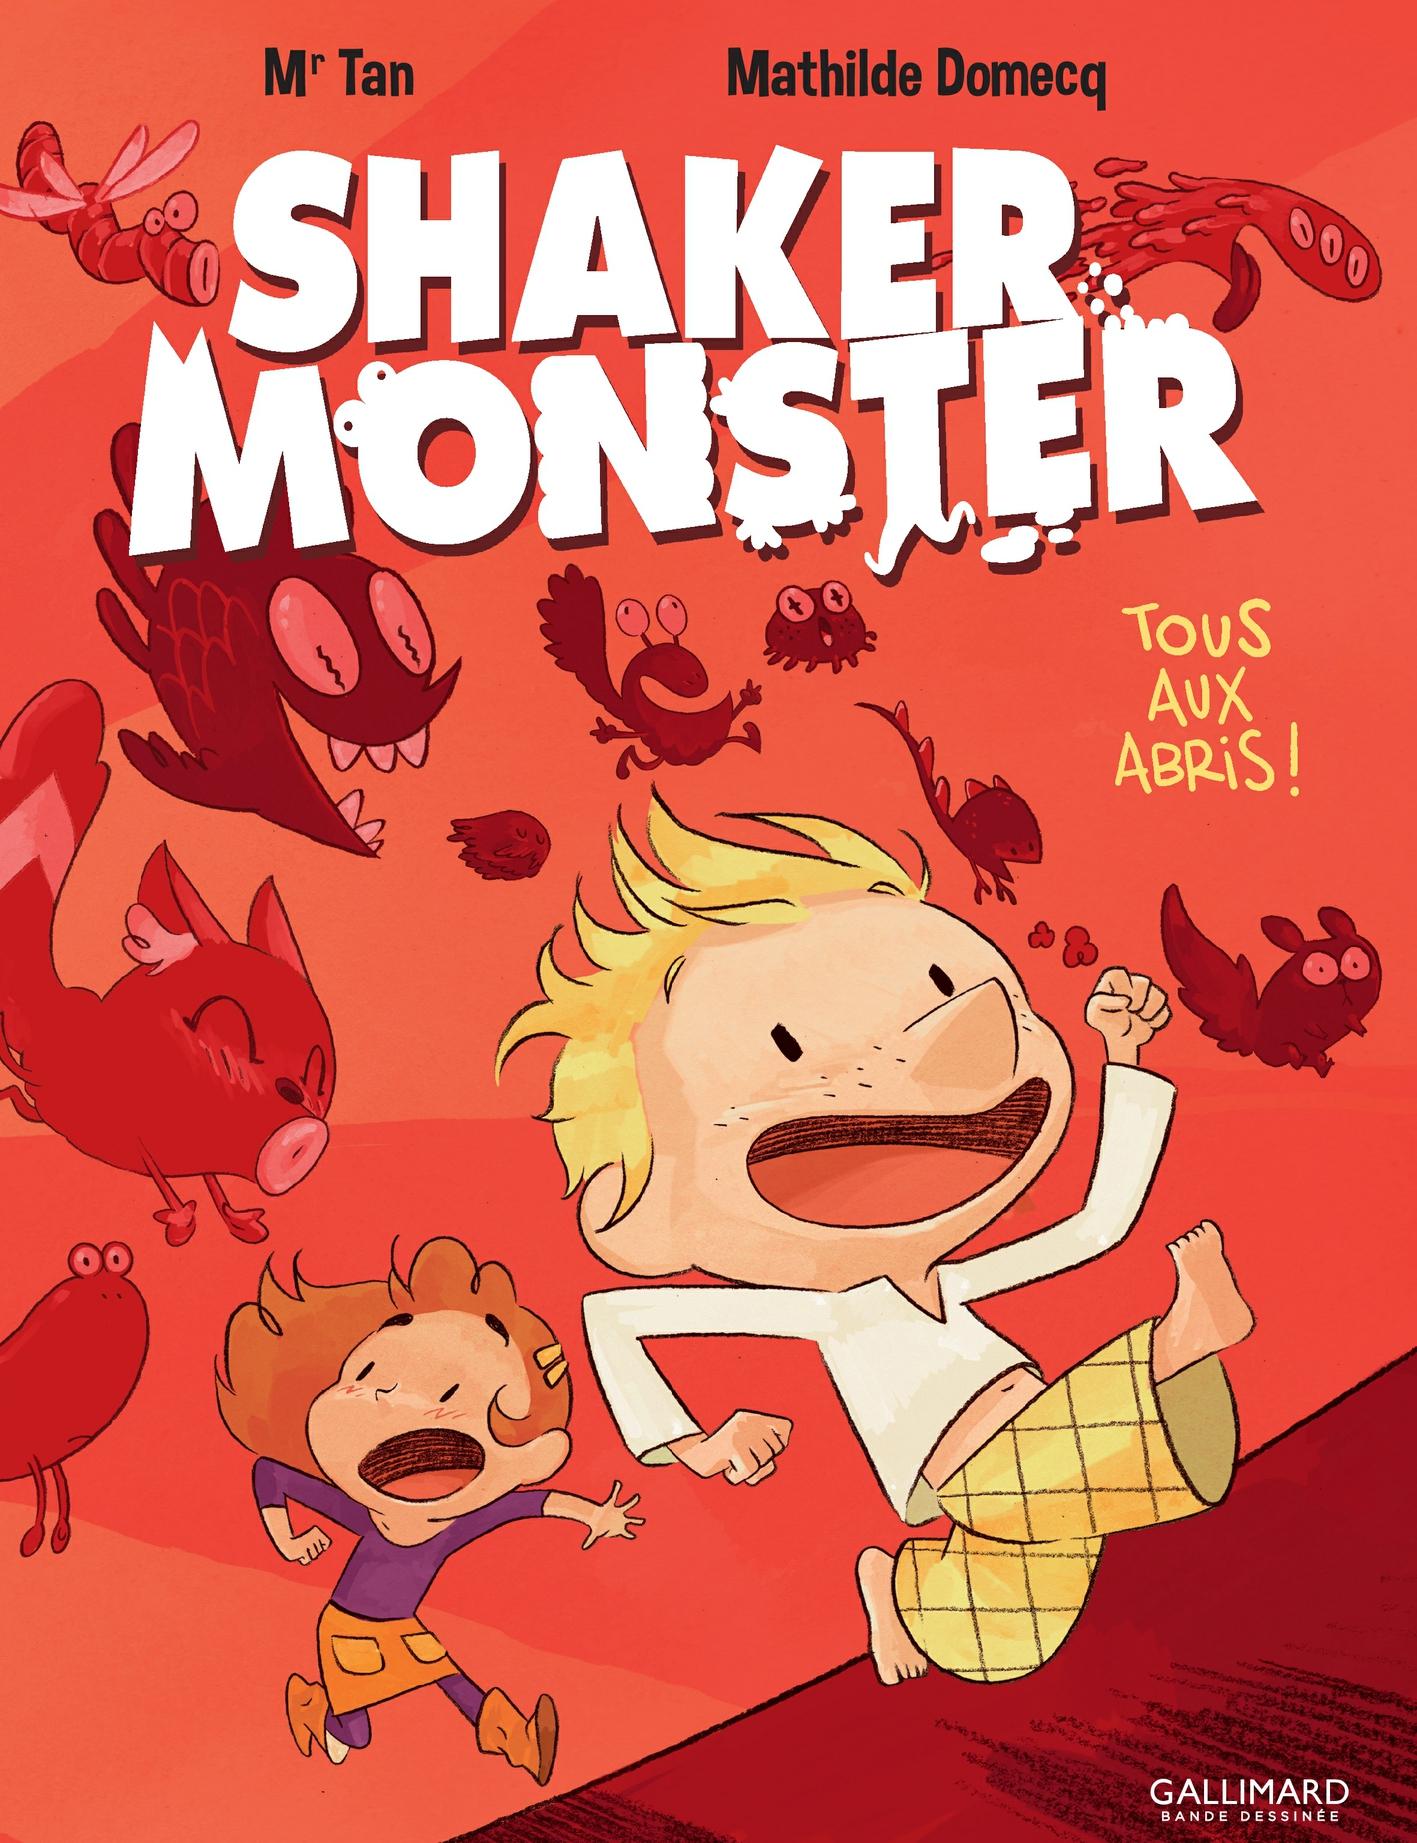 Shaker Monster (Tome 1) - Tous aux abris ! | Mr Tan